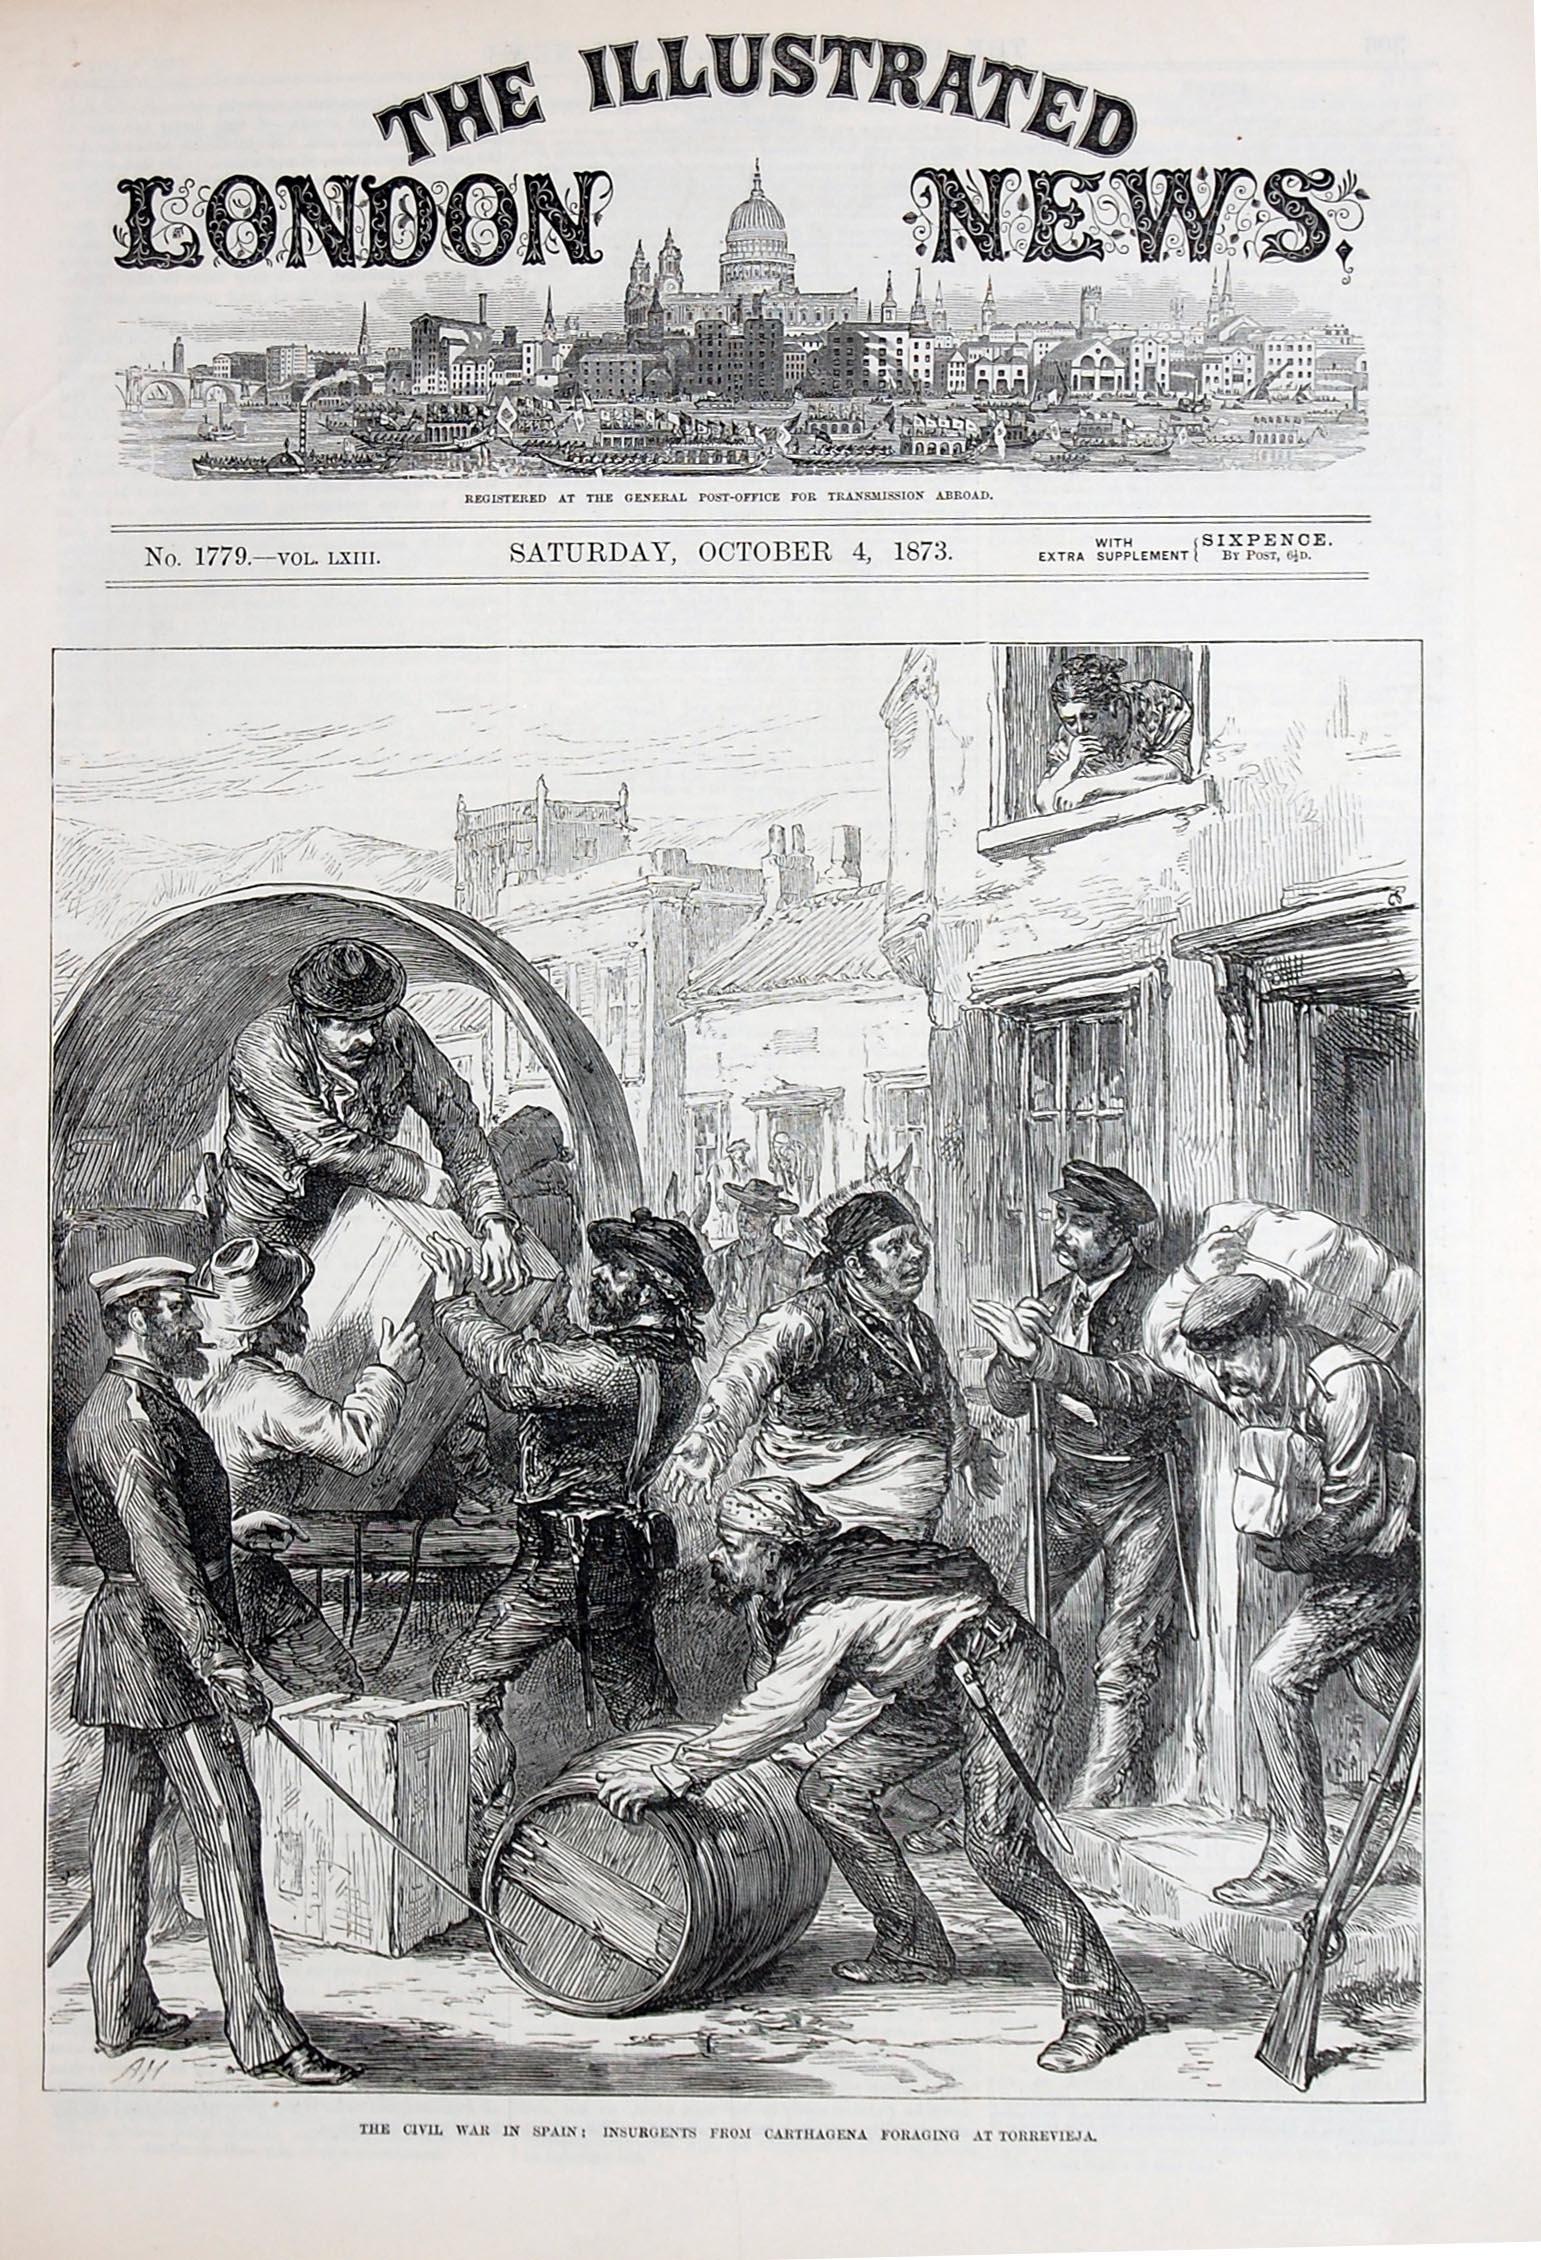 Ilustración del aprovisionamiento de los insurrectos de Cartagena en el almacén de Vicente Castell en Torrevieja. / Portada del 'London News' Número 1.779, 4 de octubre de 1873